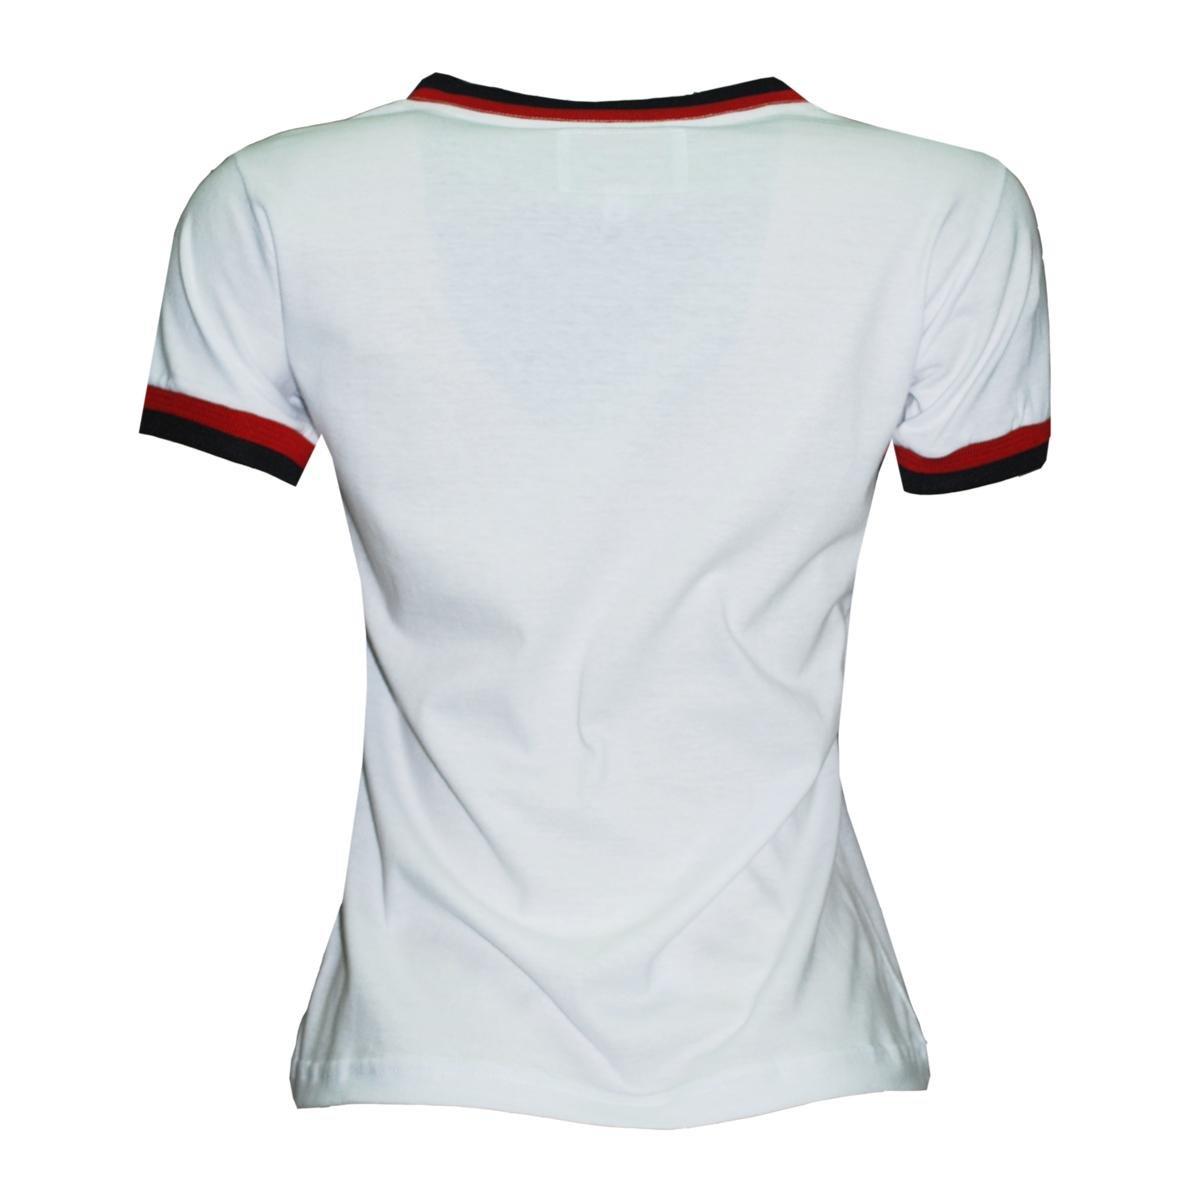 Atlético Camiseta 1983 PR Camiseta Liga Branco Retrô Liga Retrô Feminino wqxOpfPXE